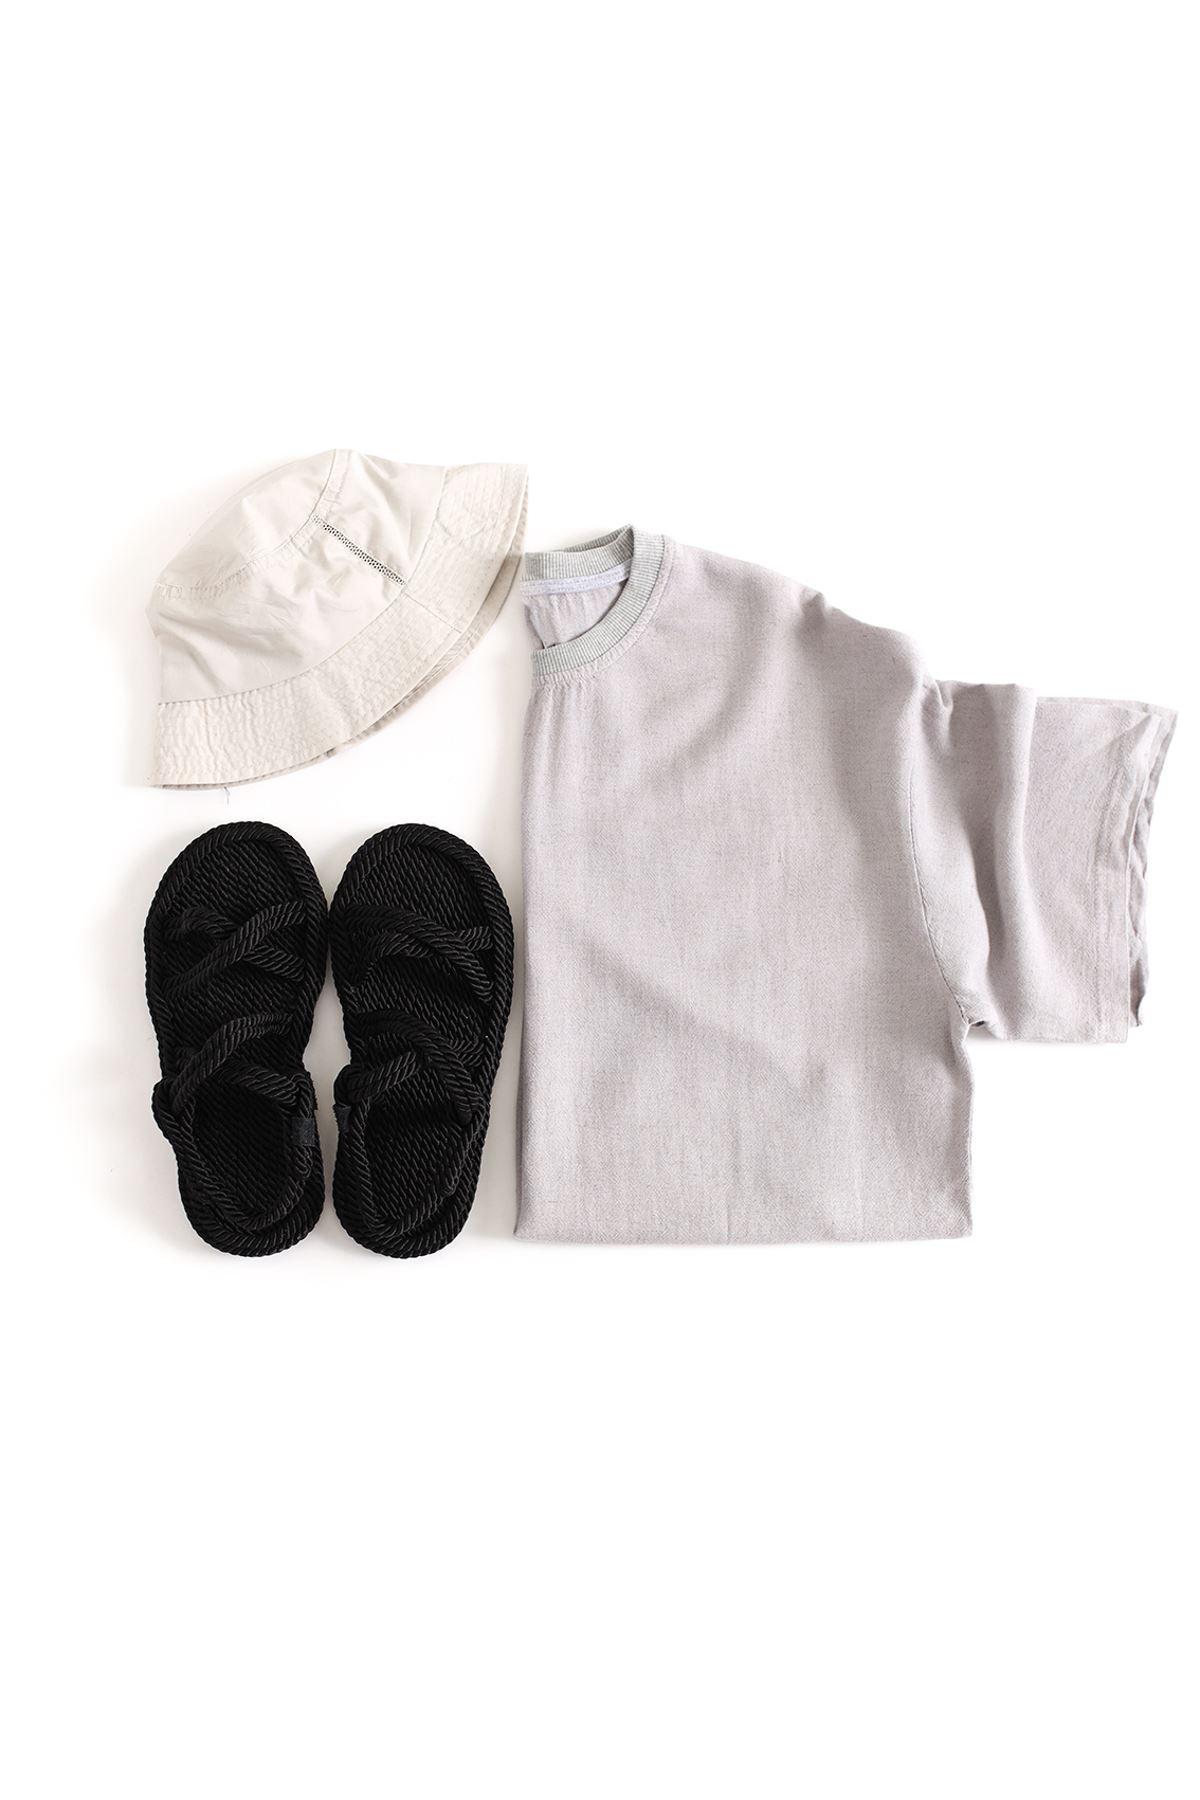 Gri Keten T-Shirt Siyah Çapraz Sandalet Kombin